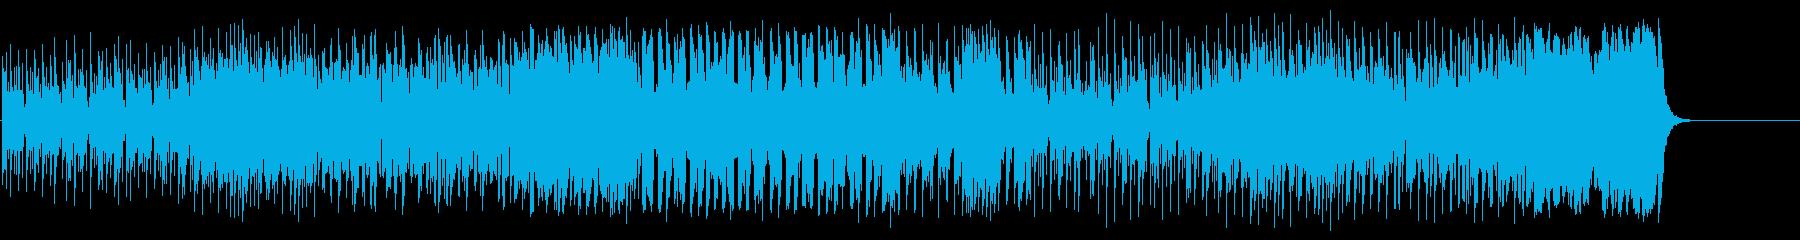 どこかアニメ的な愛らしいコミカル・ポップの再生済みの波形